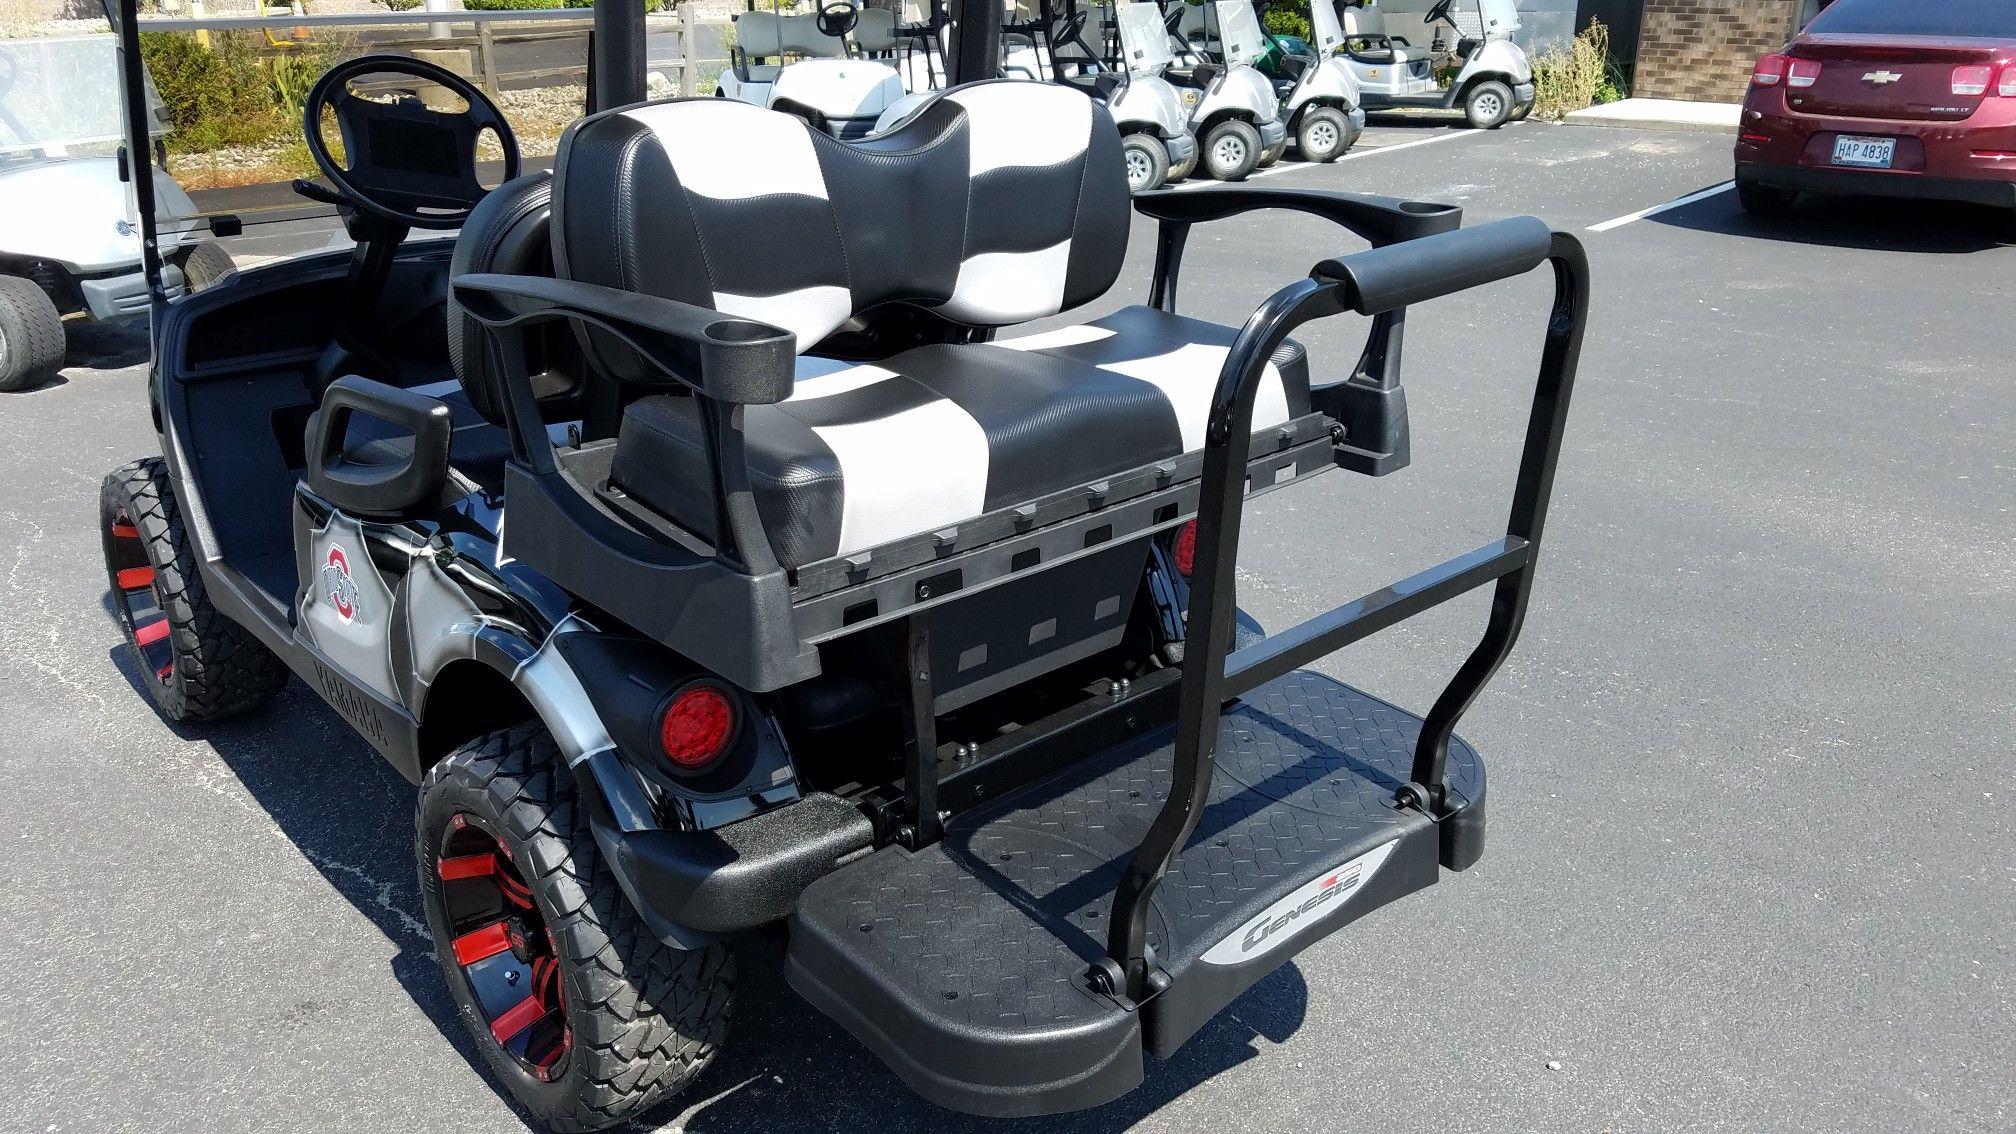 Madjax Golf Cart Catalog on e-z-go golf cart, stens golf cart, club car golf cart, franklin golf cart, orlimar golf cart,